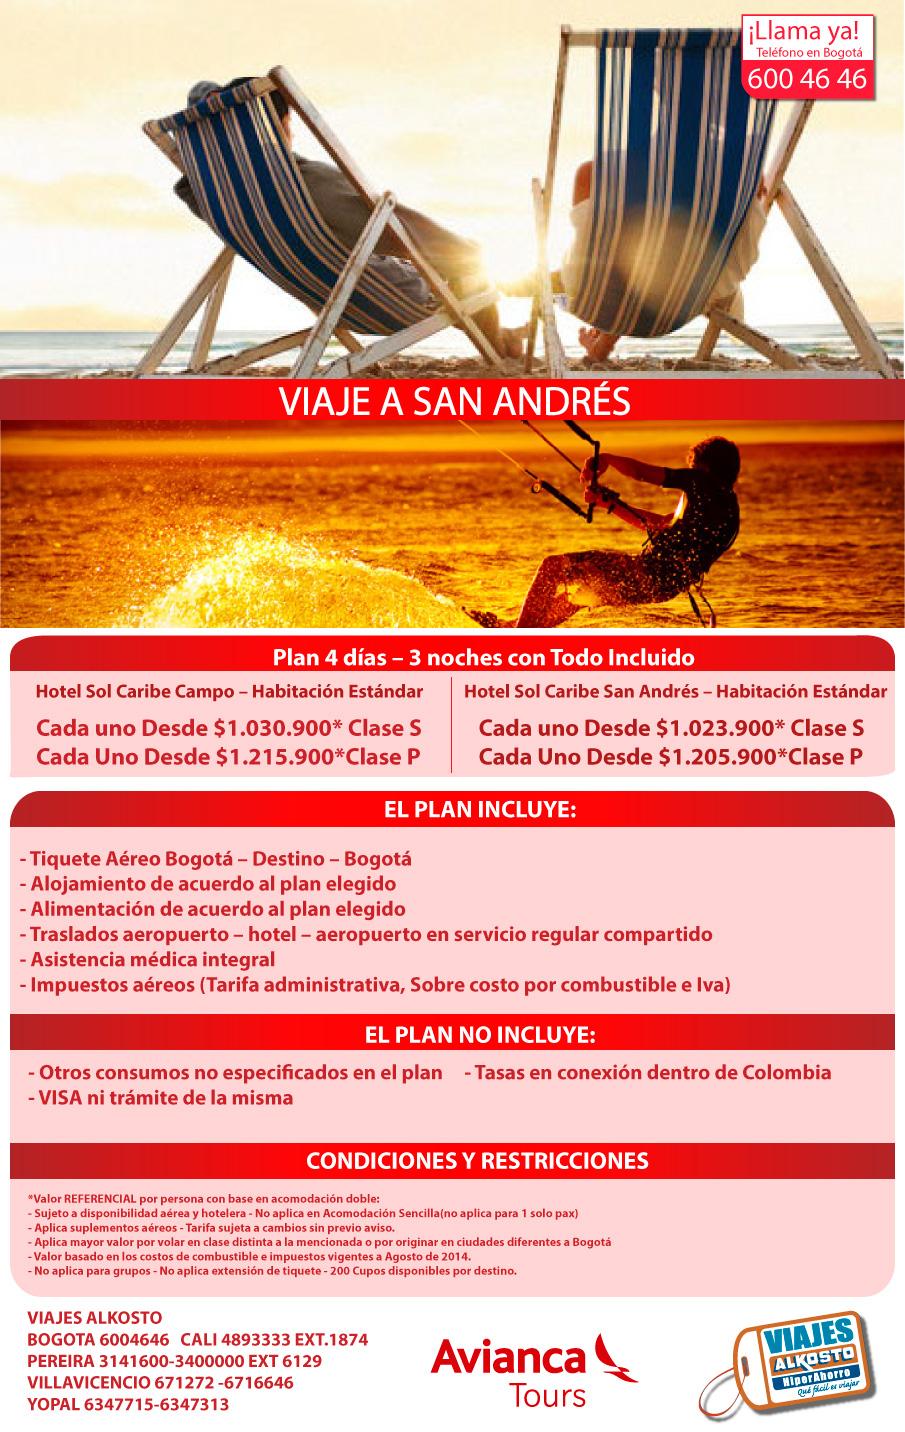 Viaje a San Andrés septiembre con viajes alkosto